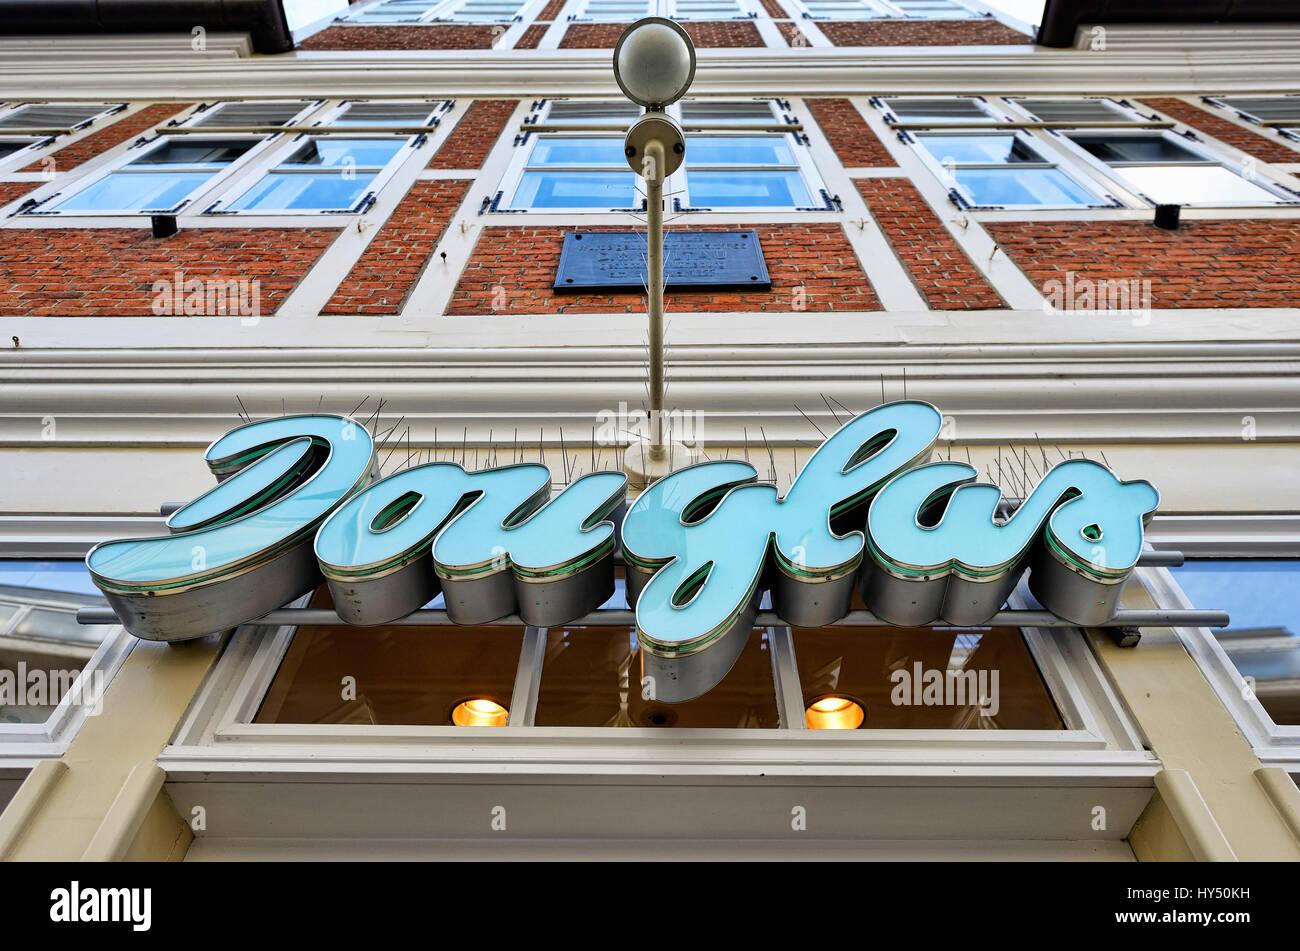 Douglas's Parfuemerie branch in Hamburg, Douglas-Parfuemerie-Filiale in Hamburg - Stock Image